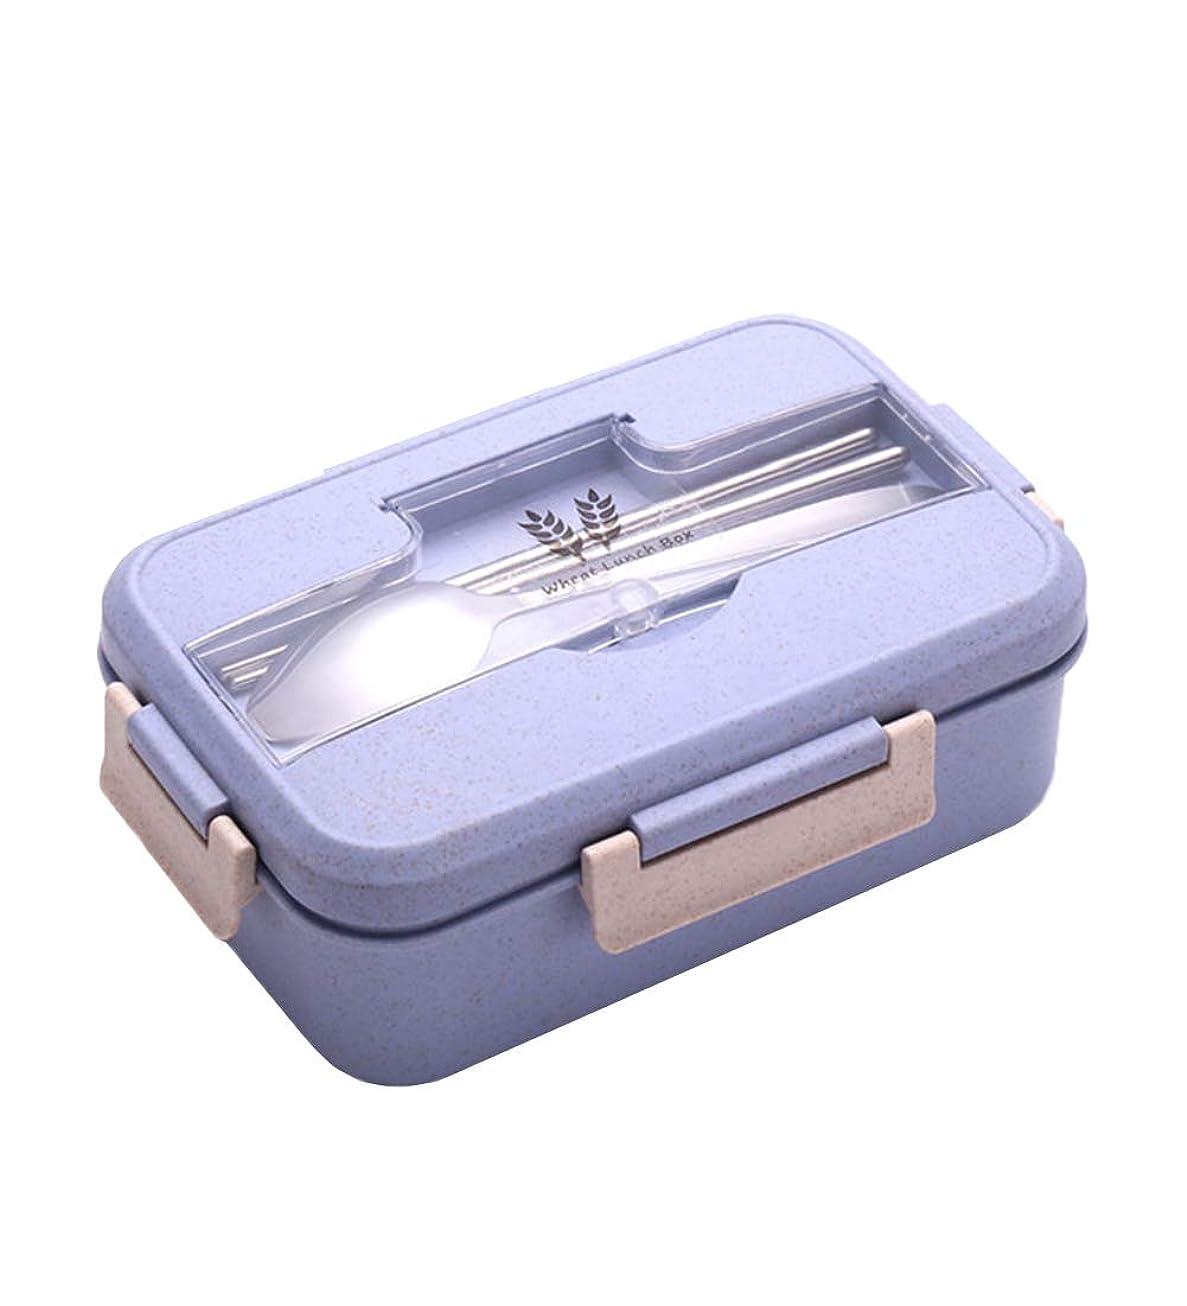 小さな棚通信する[JPバレンタインデー]お弁当箱 ランチボックス 麦わら繊維 大容量 軽量 漏れ防止 ポータブル スプーン付き 持ち運びが簡単 企業/学校/ピクニック/遠出に最適 (パープル)